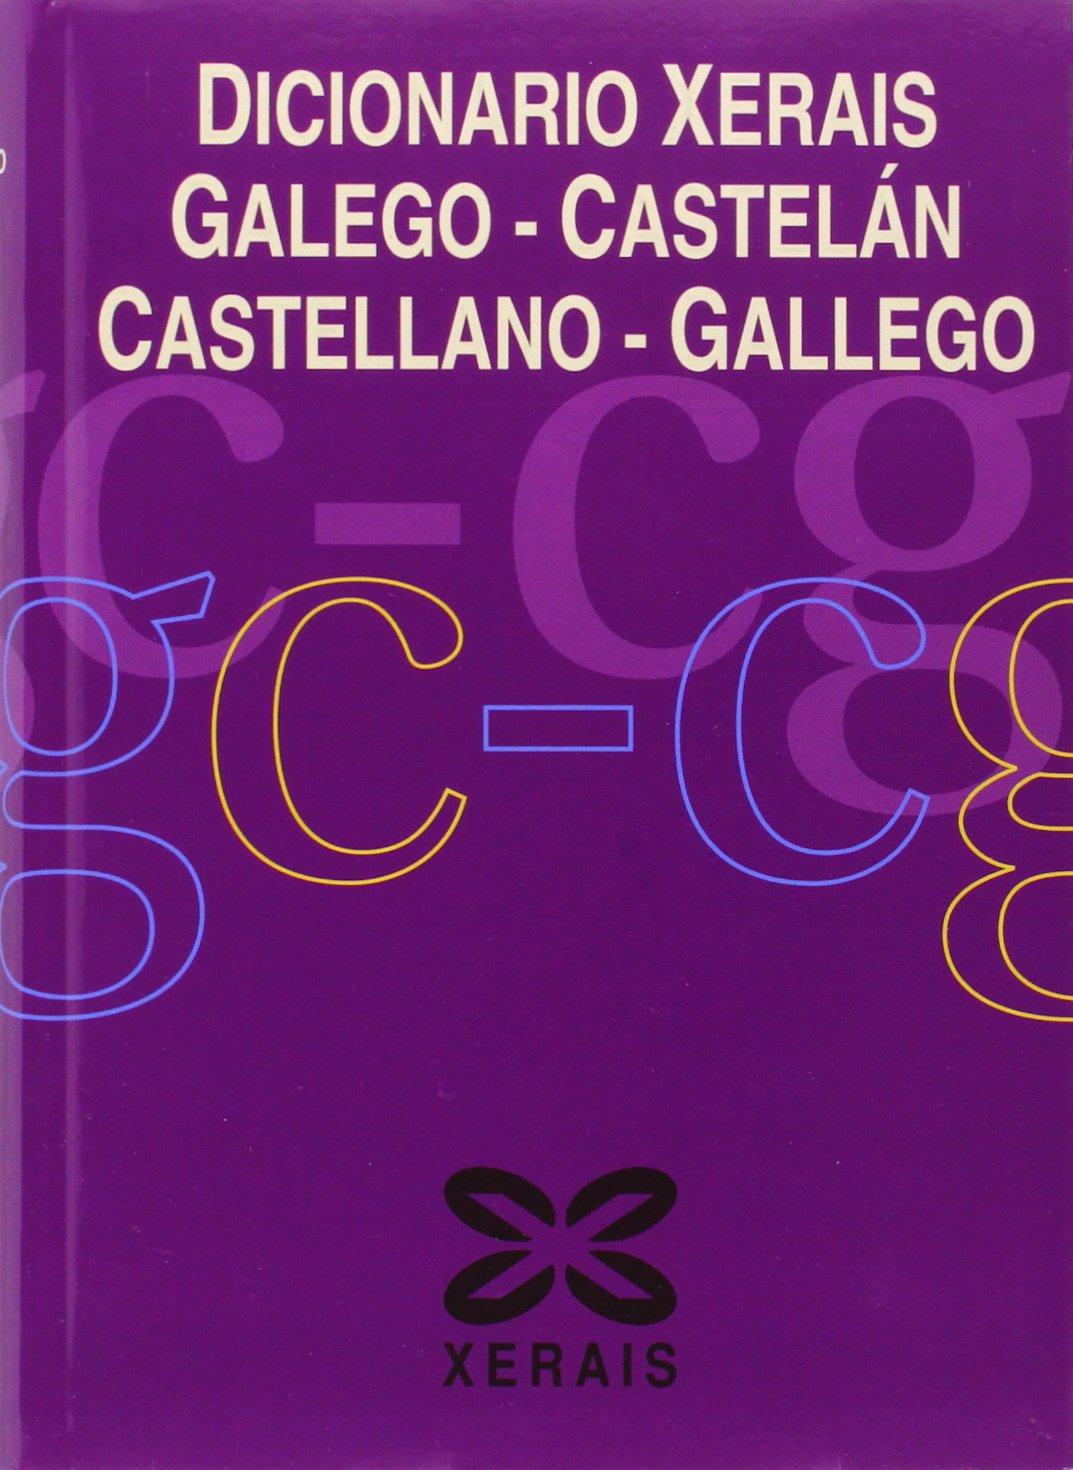 Dicionario Xerais Galego-Castelán Castellano-Gallego (Dicionarios - Dicionarios Xerais) (Gallego) Tapa blanda – 16 jun 2008 Luís Castro Macía 8497823192 Dictionaries - General Diccionarios